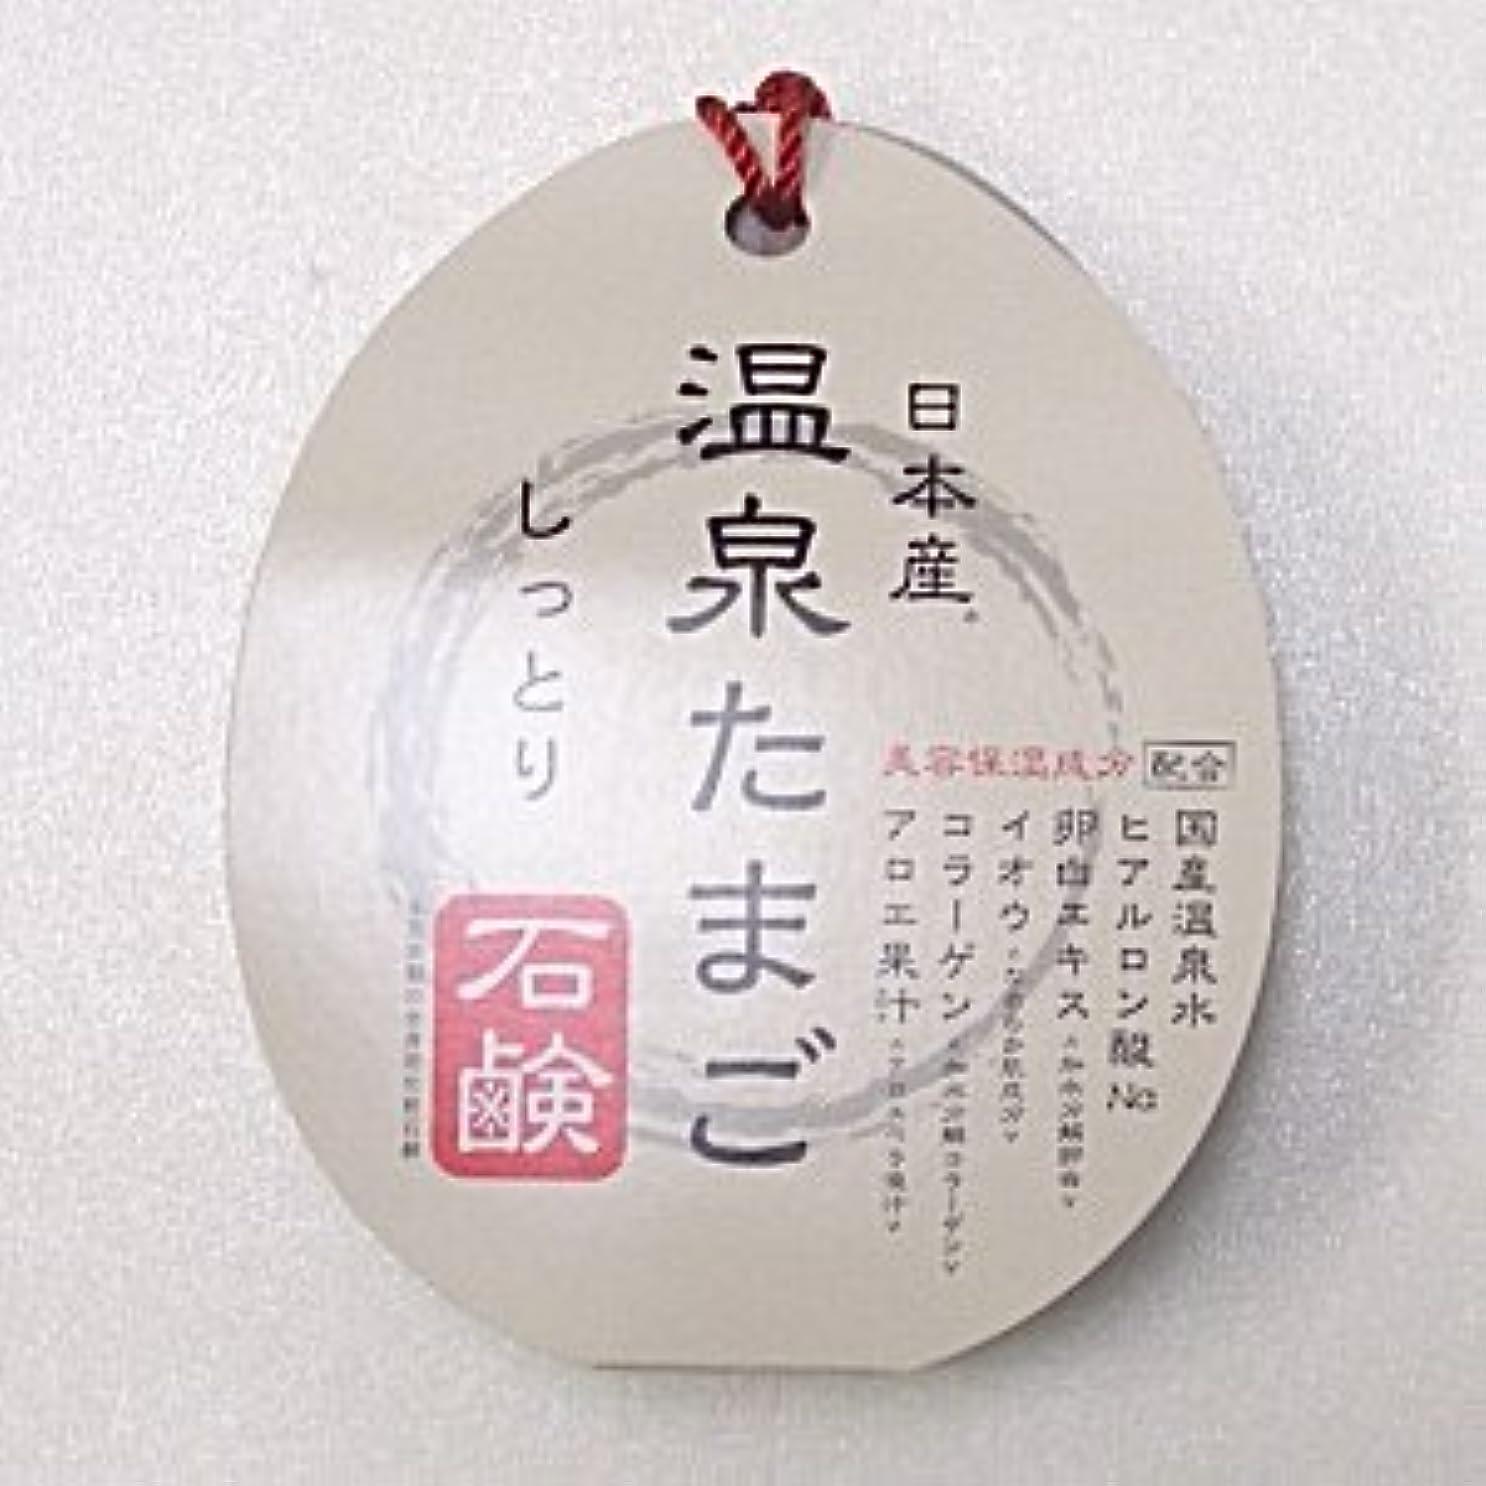 テーブルを設定するメトリック精緻化日本産 温泉たまご石鹸 しっとりタイプ 75g